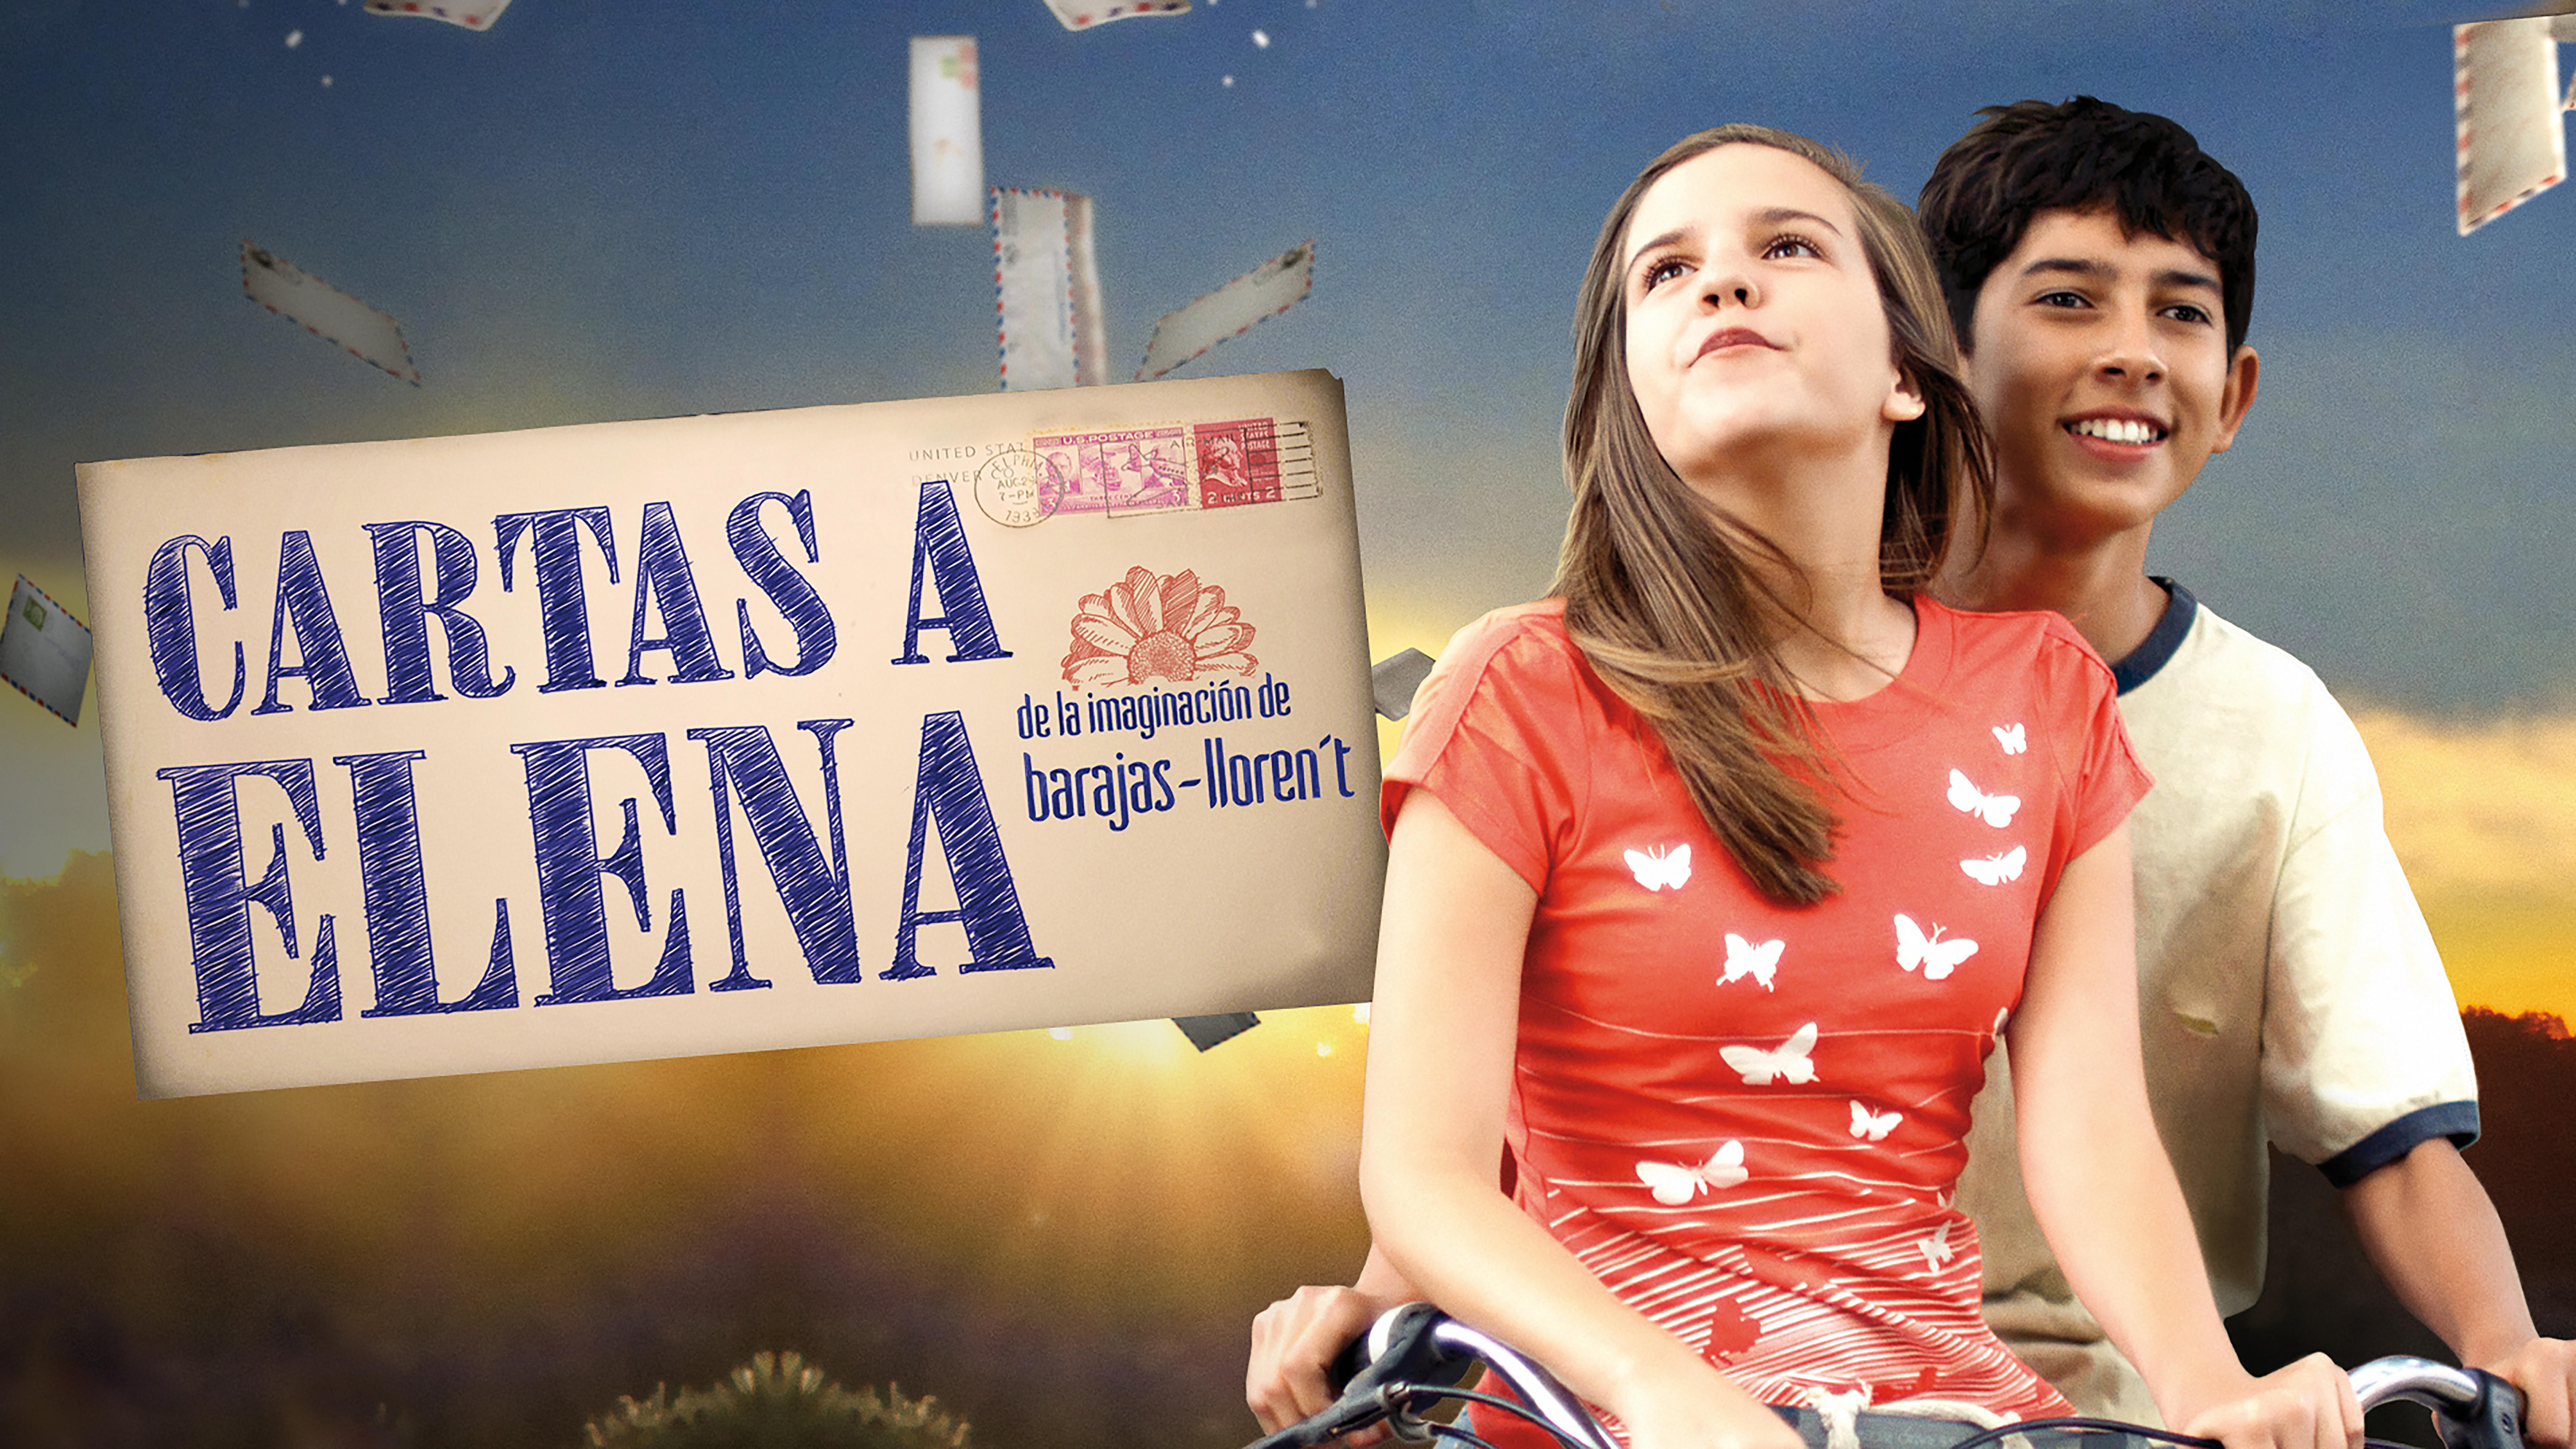 Cartas-a-Elena16x9 Día Nacional del Vino: celébralo pareando series y películas con las características de tu vino favorito